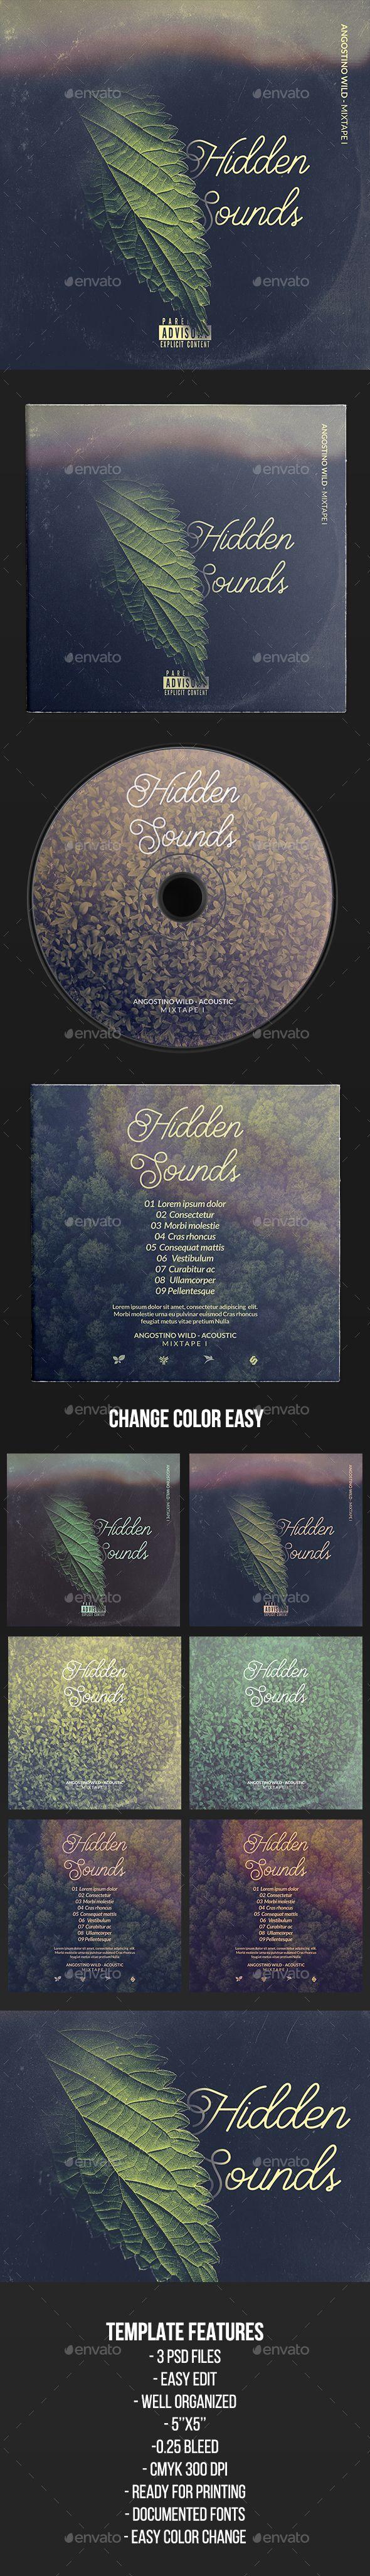 Hidden Sounds - CD Cover Artwork Template PSD